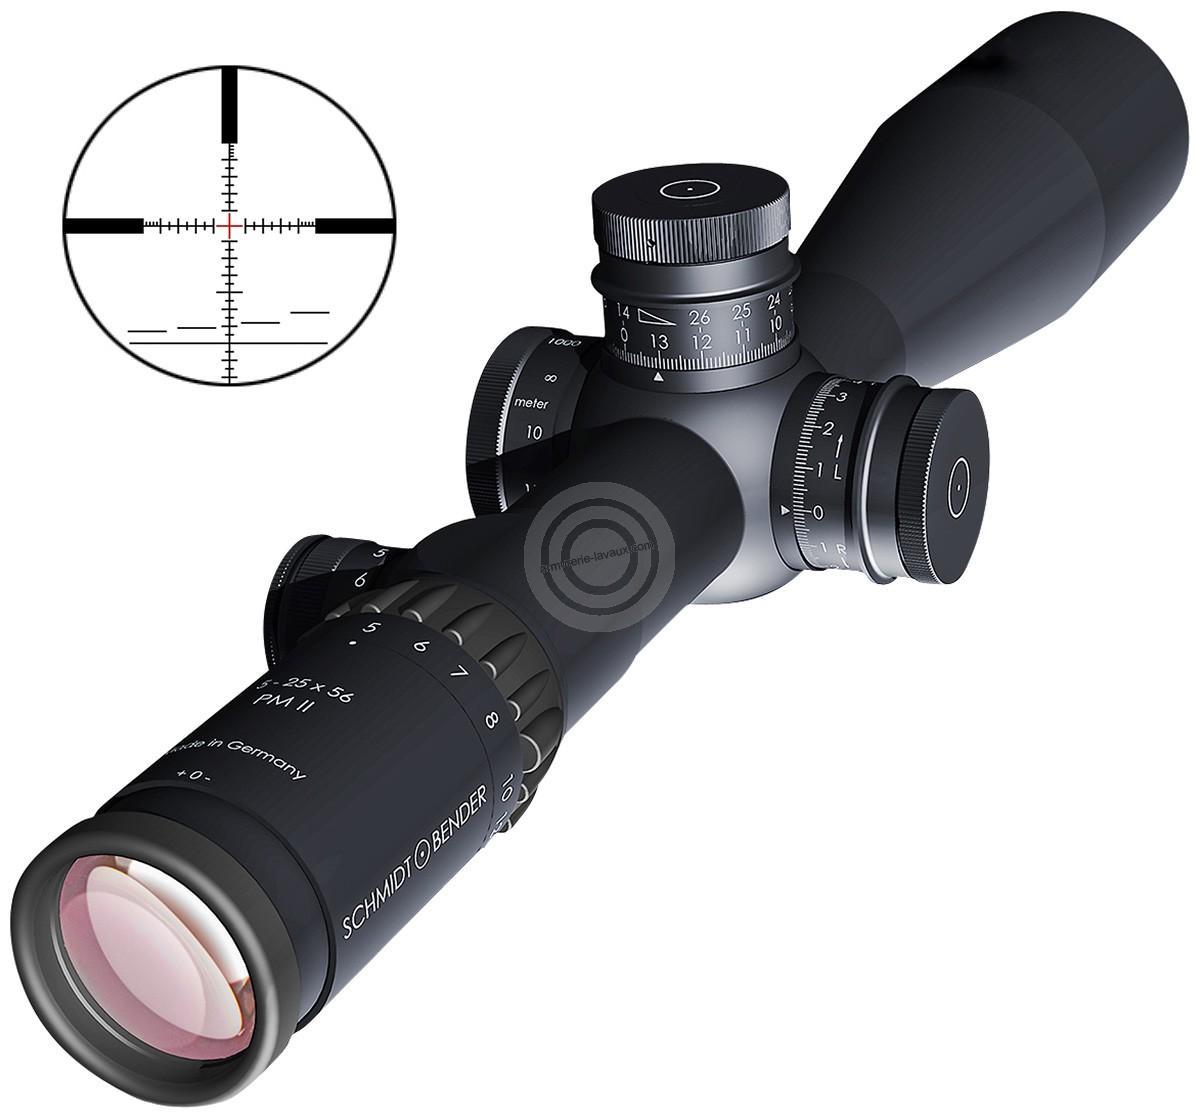 lunette schmidt bender 5 25x56 pm ii ret p4fl carabines de tir sur armurerie lavaux. Black Bedroom Furniture Sets. Home Design Ideas